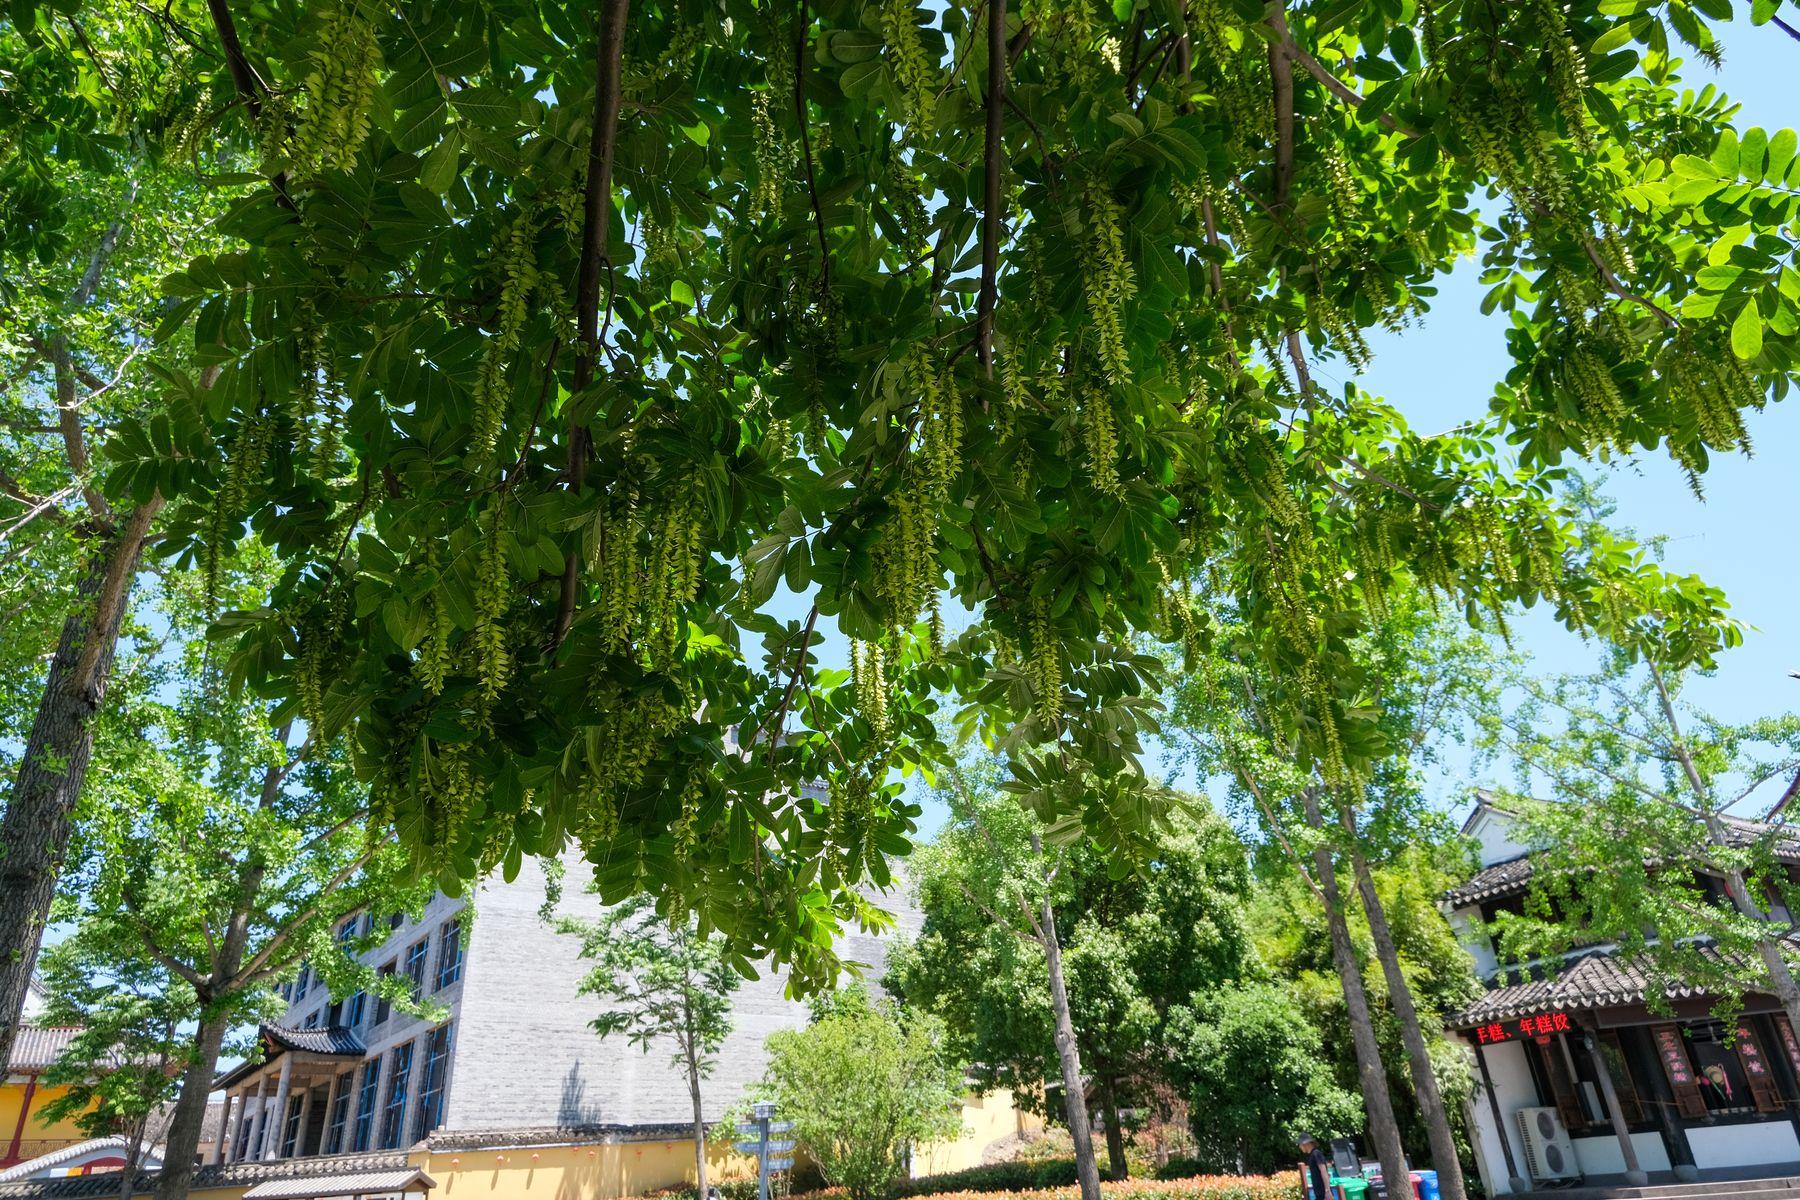 茂密枫杨树背景照片下载(免费无版权照片下载)